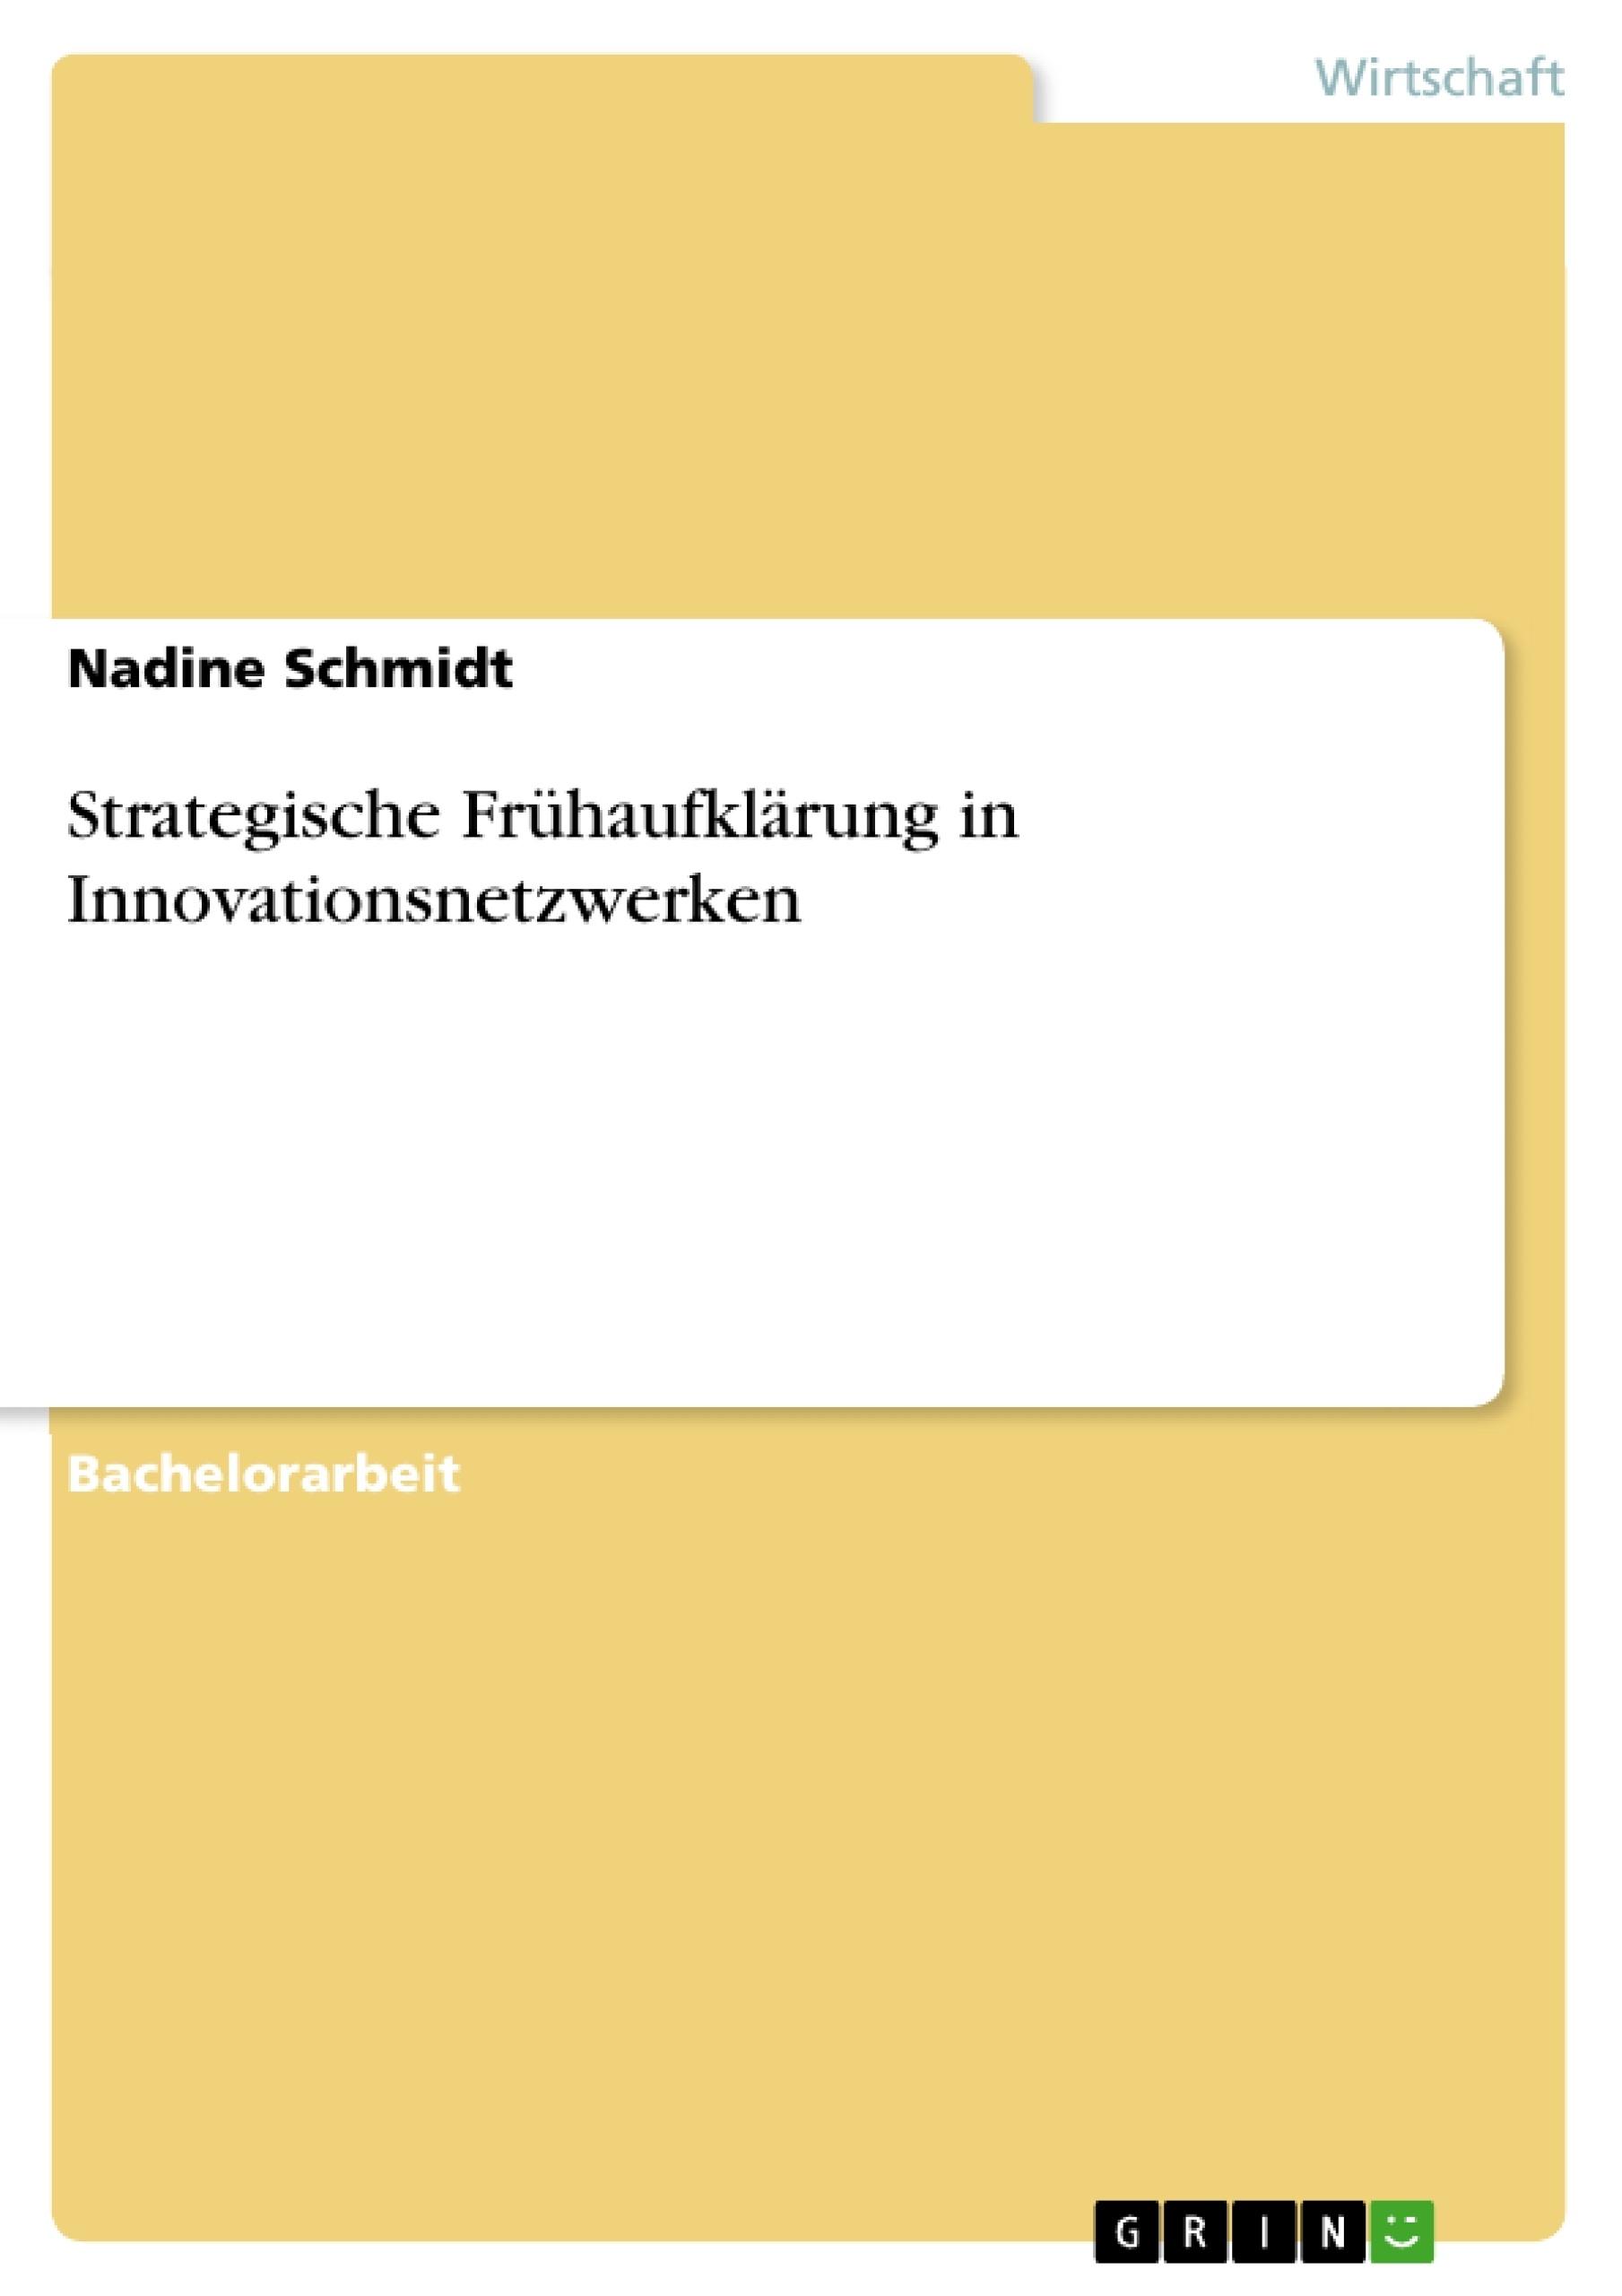 Titel: Strategische Frühaufklärung in Innovationsnetzwerken